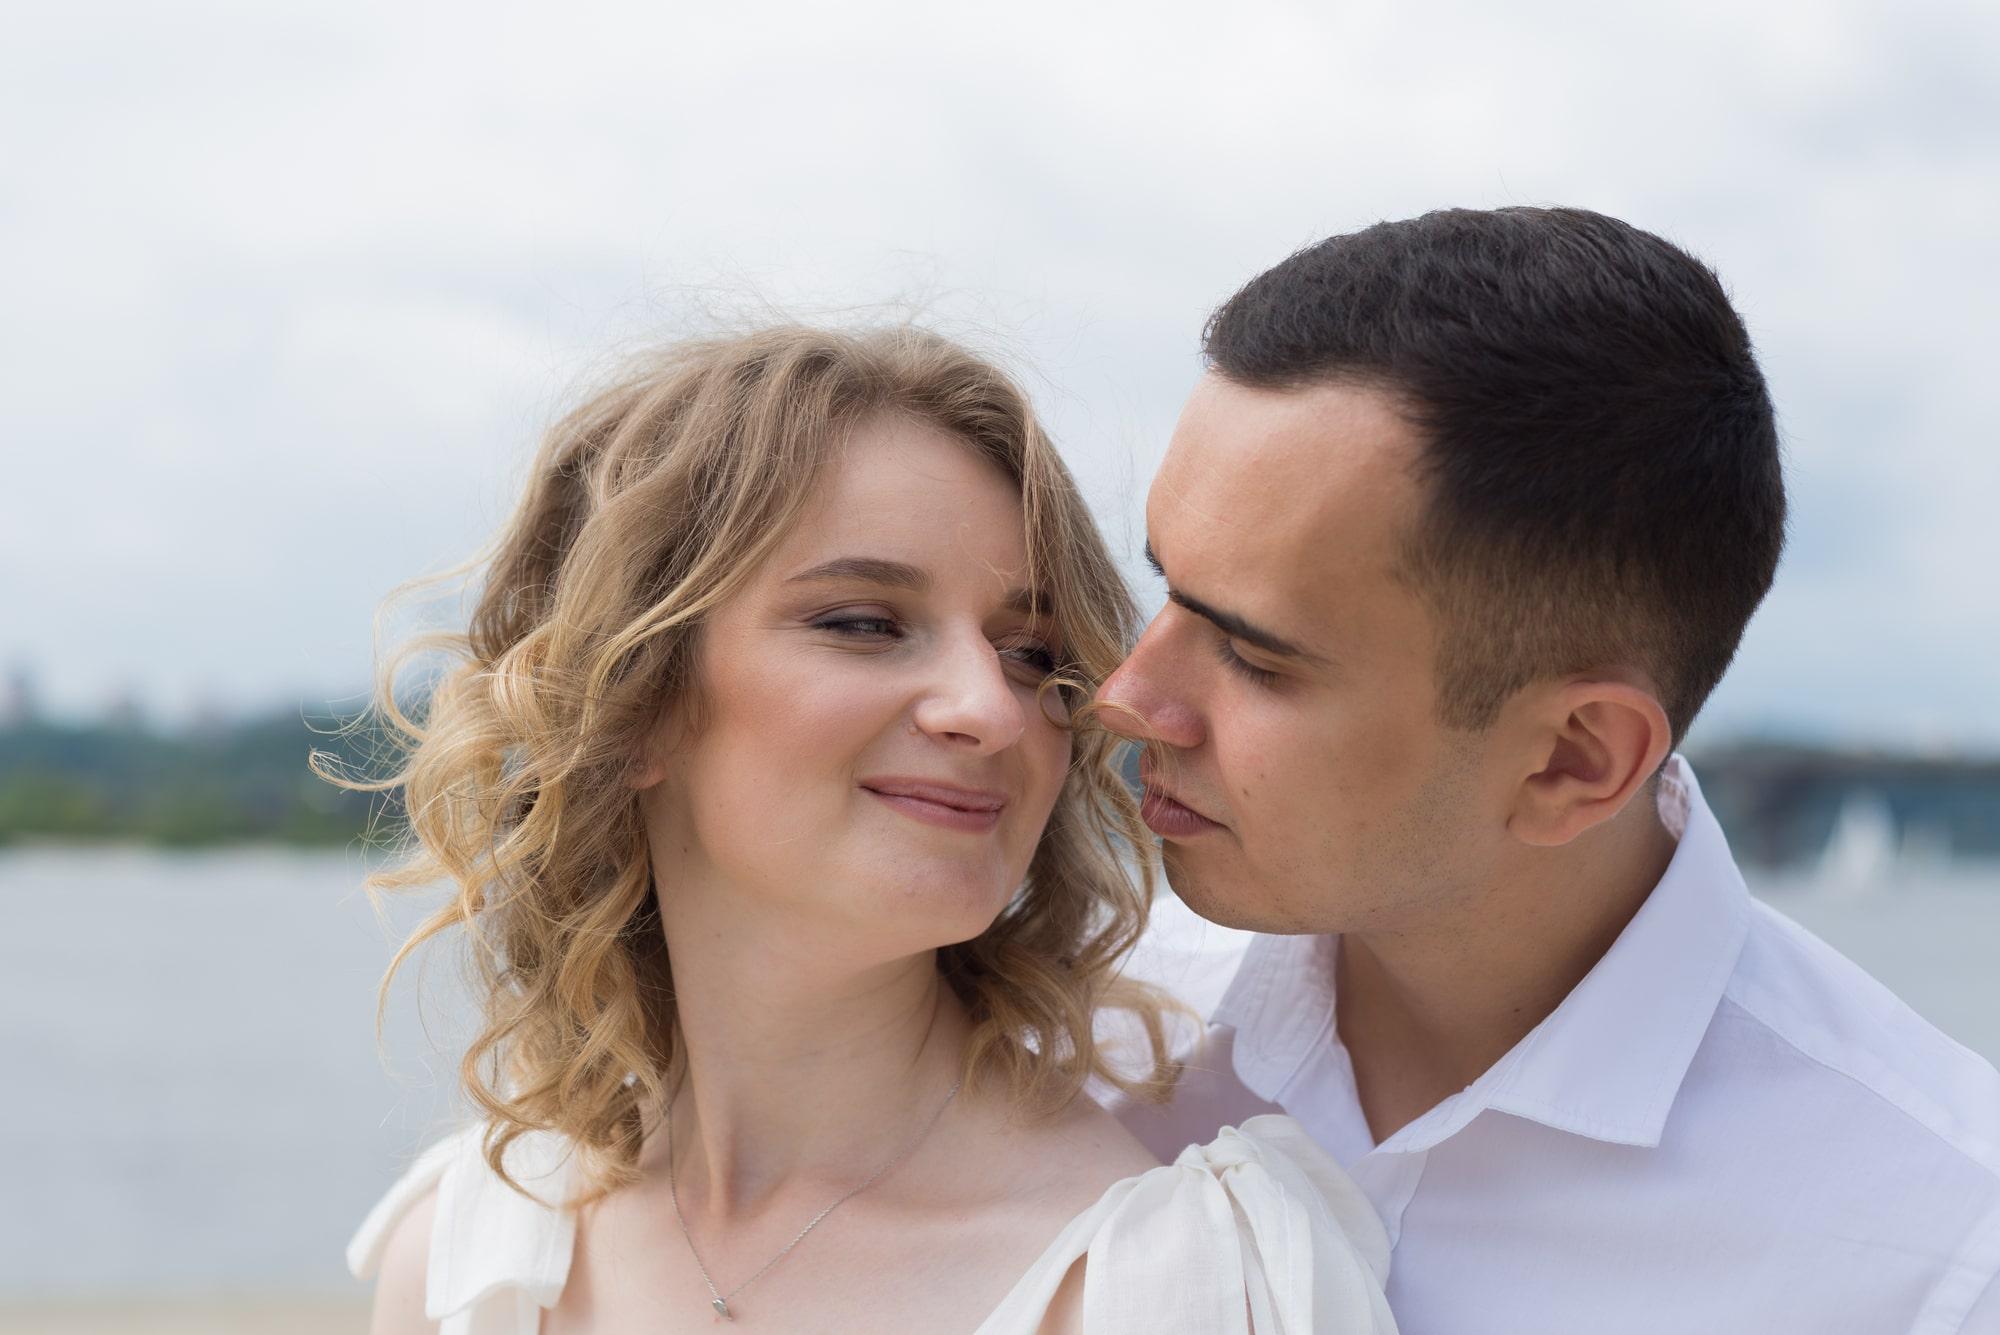 Фотосессия свадебная возле Днепра - в обьятиях любимого